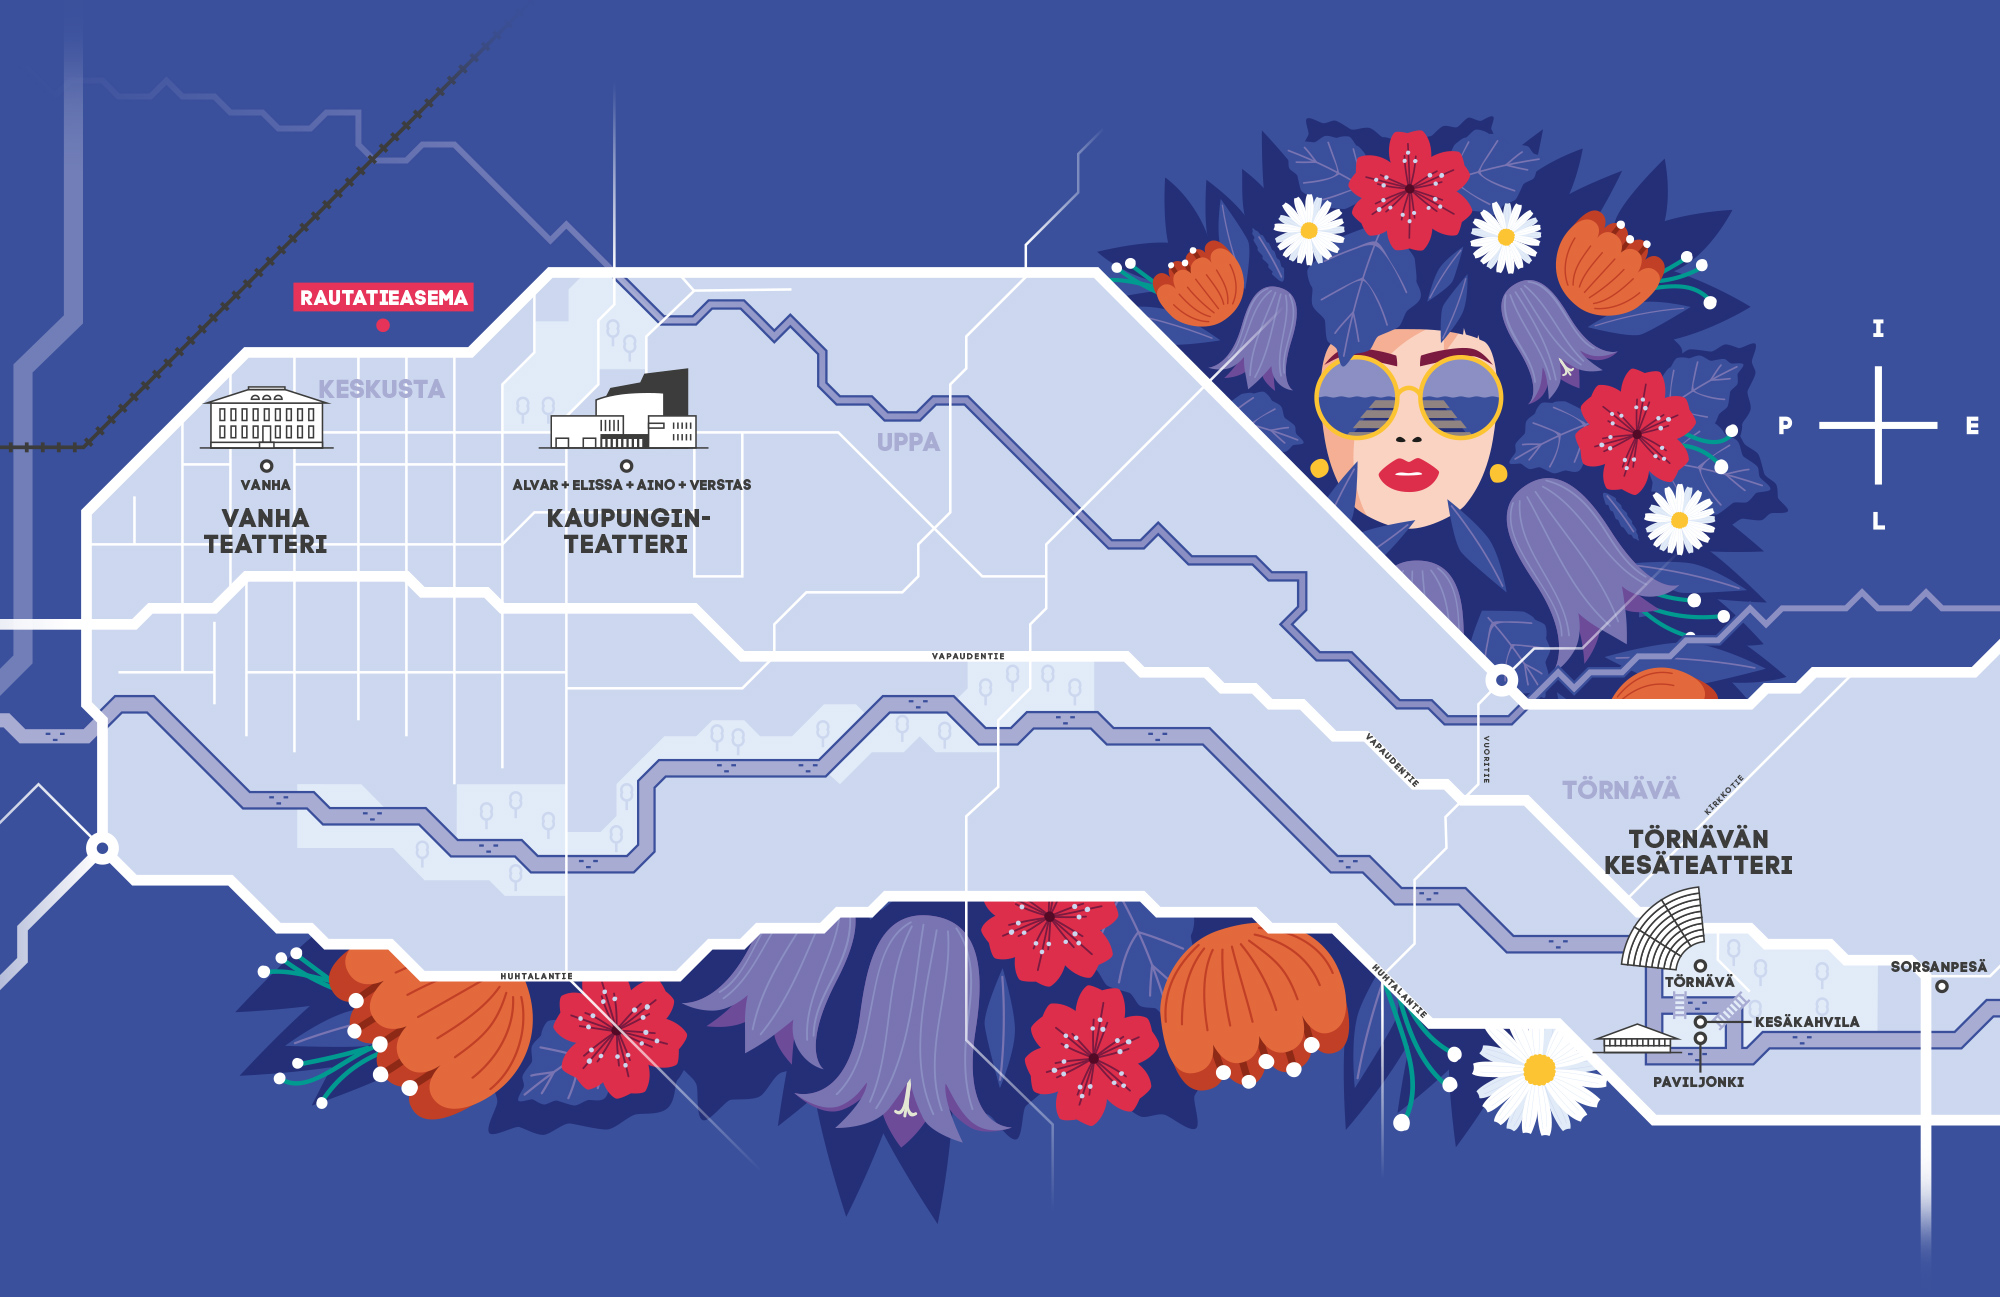 Törnävän kesäteatteri: Map